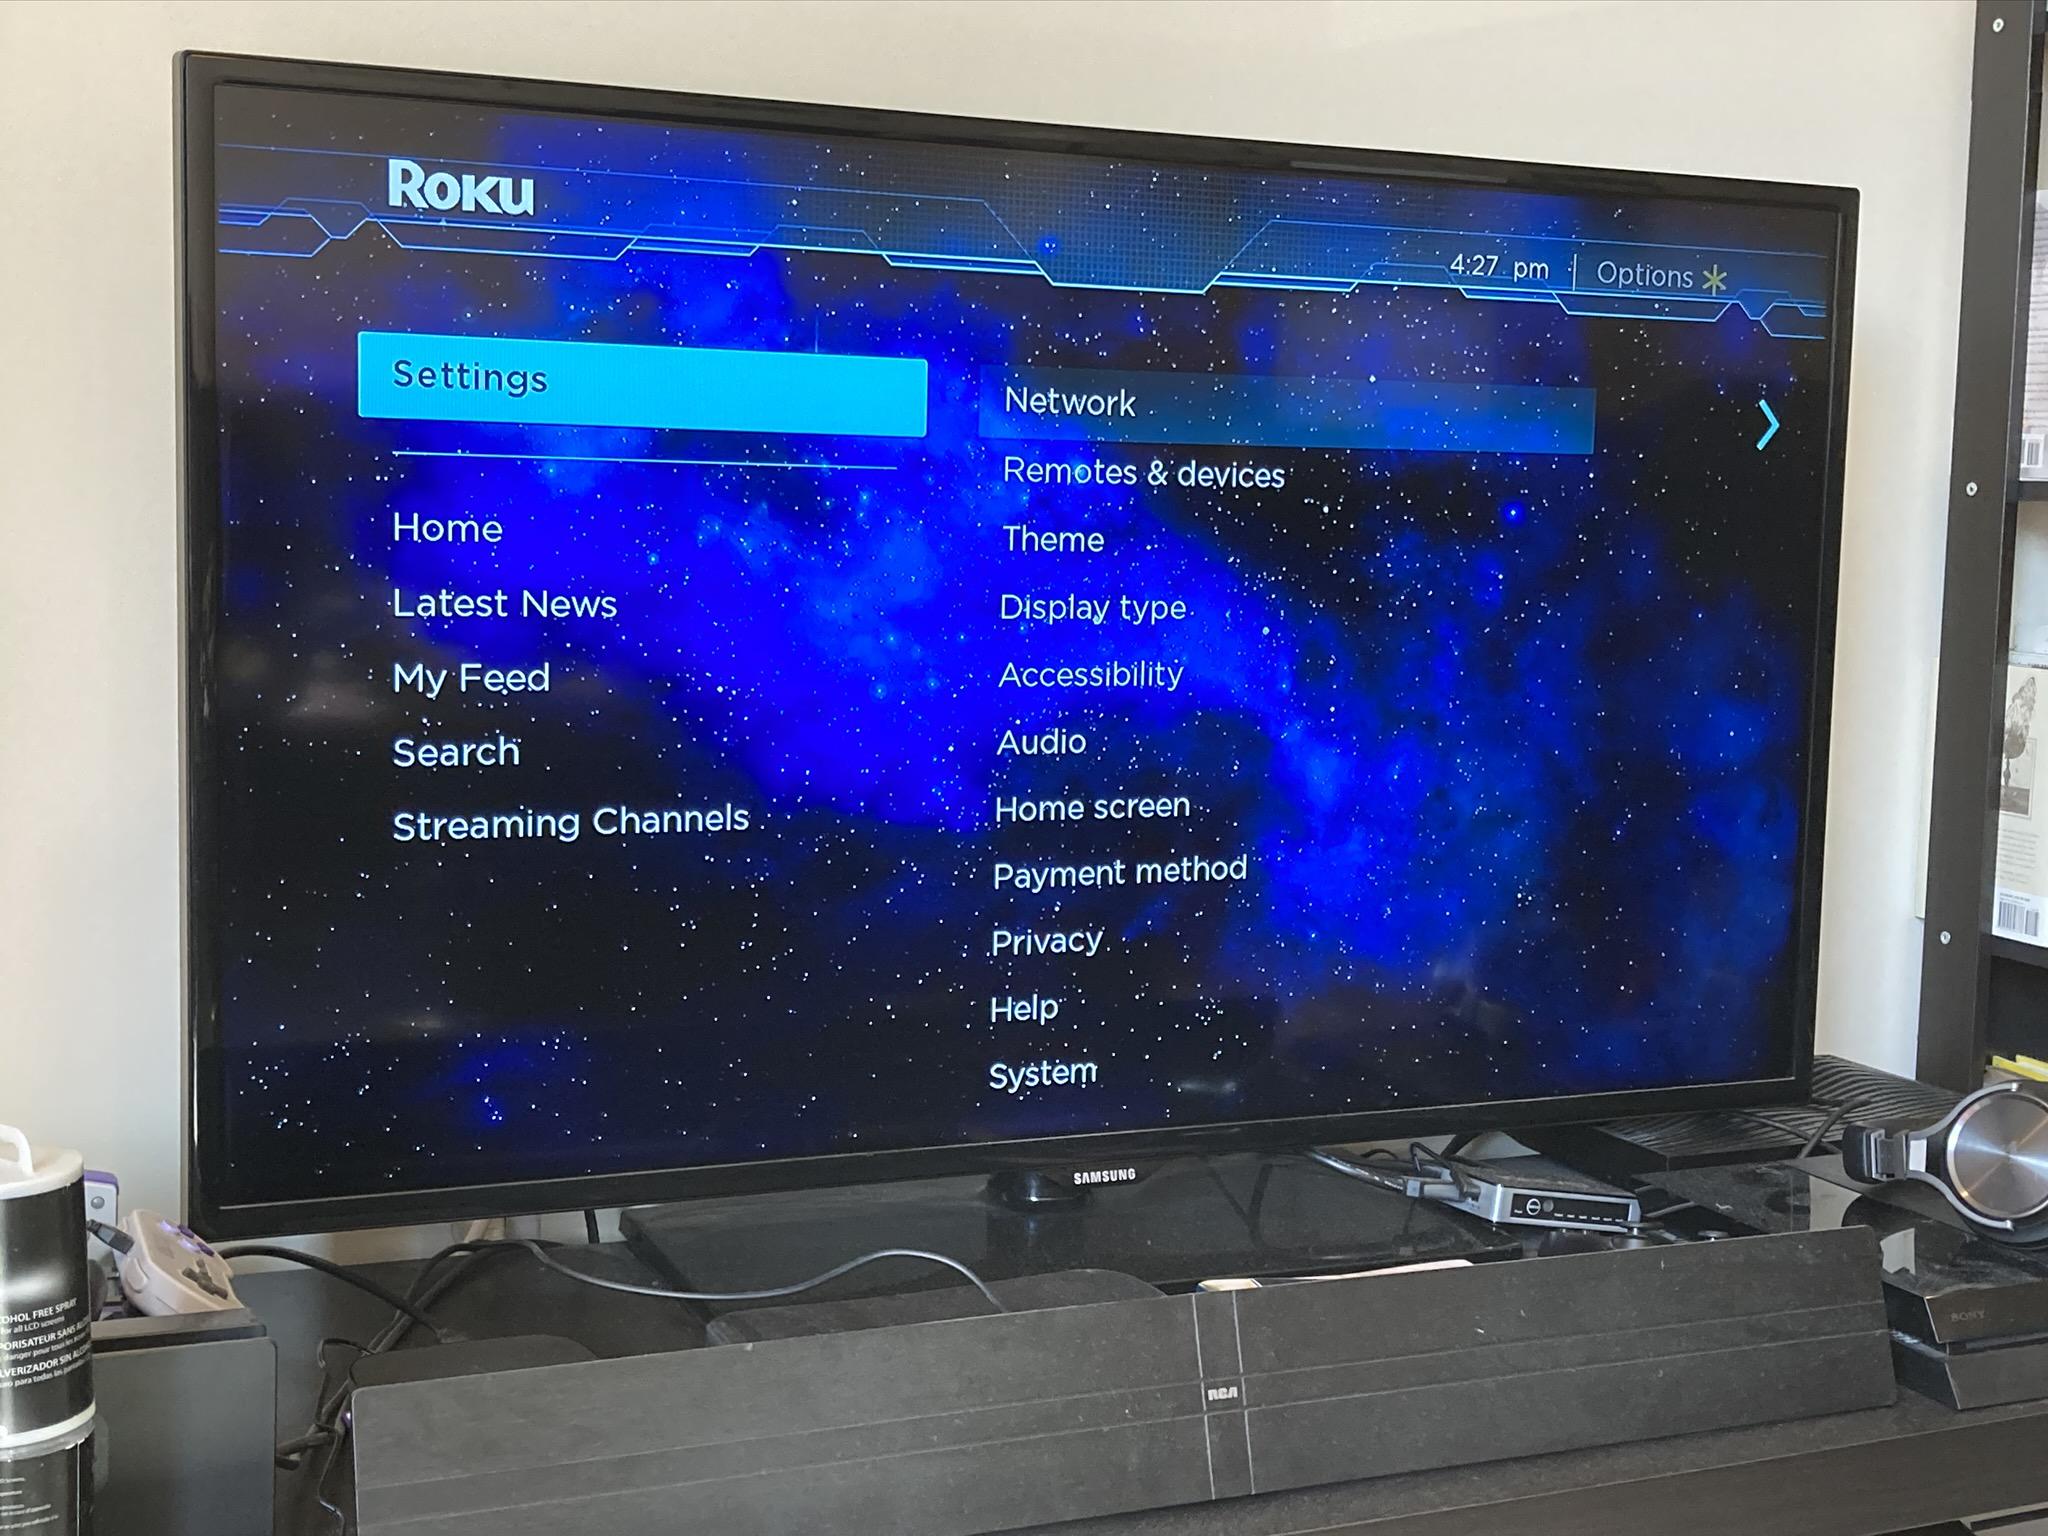 Para desactivar los subtítulos en Roku, necesitará su Roku en funcionamiento; una conexión a Internet tampoco estaría de más. Si no ha actualizado el software por un tiempo, asegúrese de hacerlo primero.